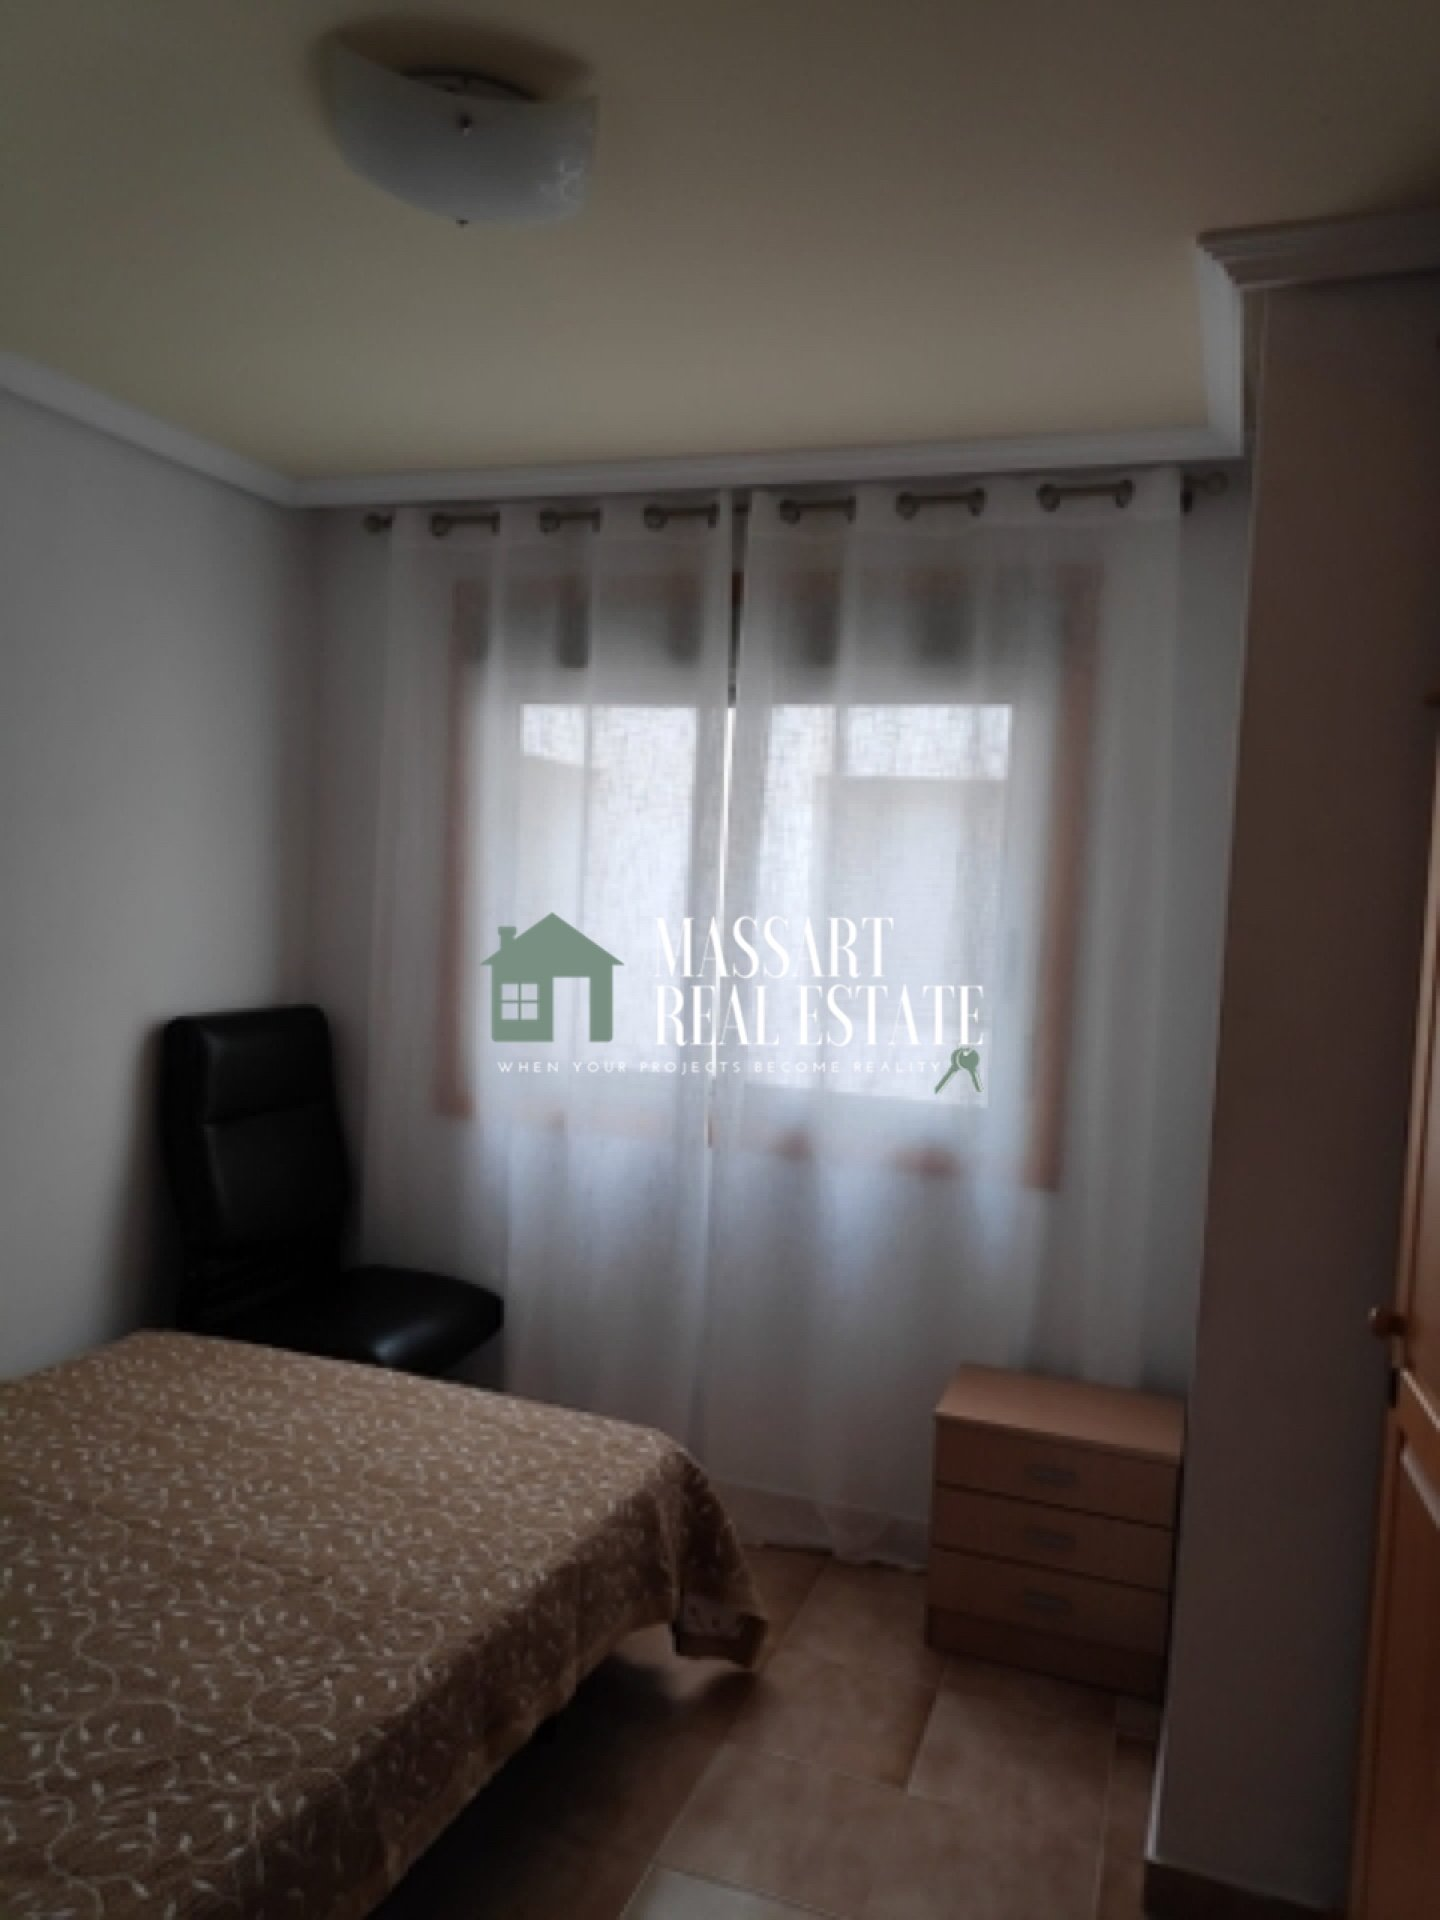 En alquiler en una céntrica zona de San Isidro, amplio apartamento de 79 m2 totalmente reformado y amueblado.